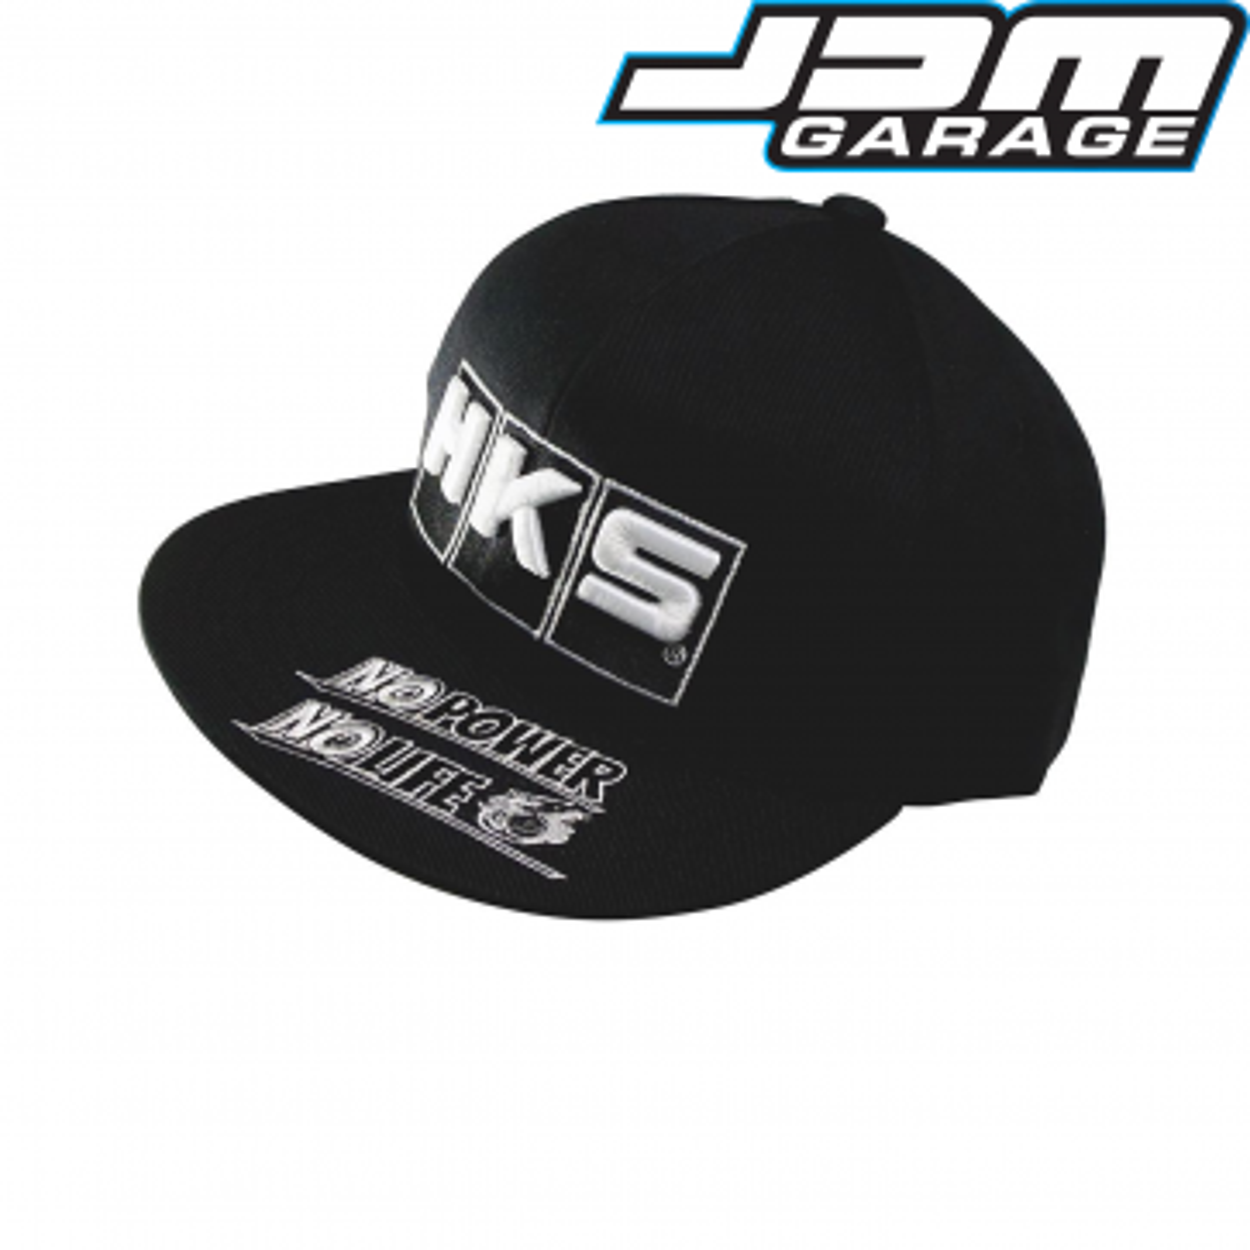 HKS No Power No Life Black Cap - Medium